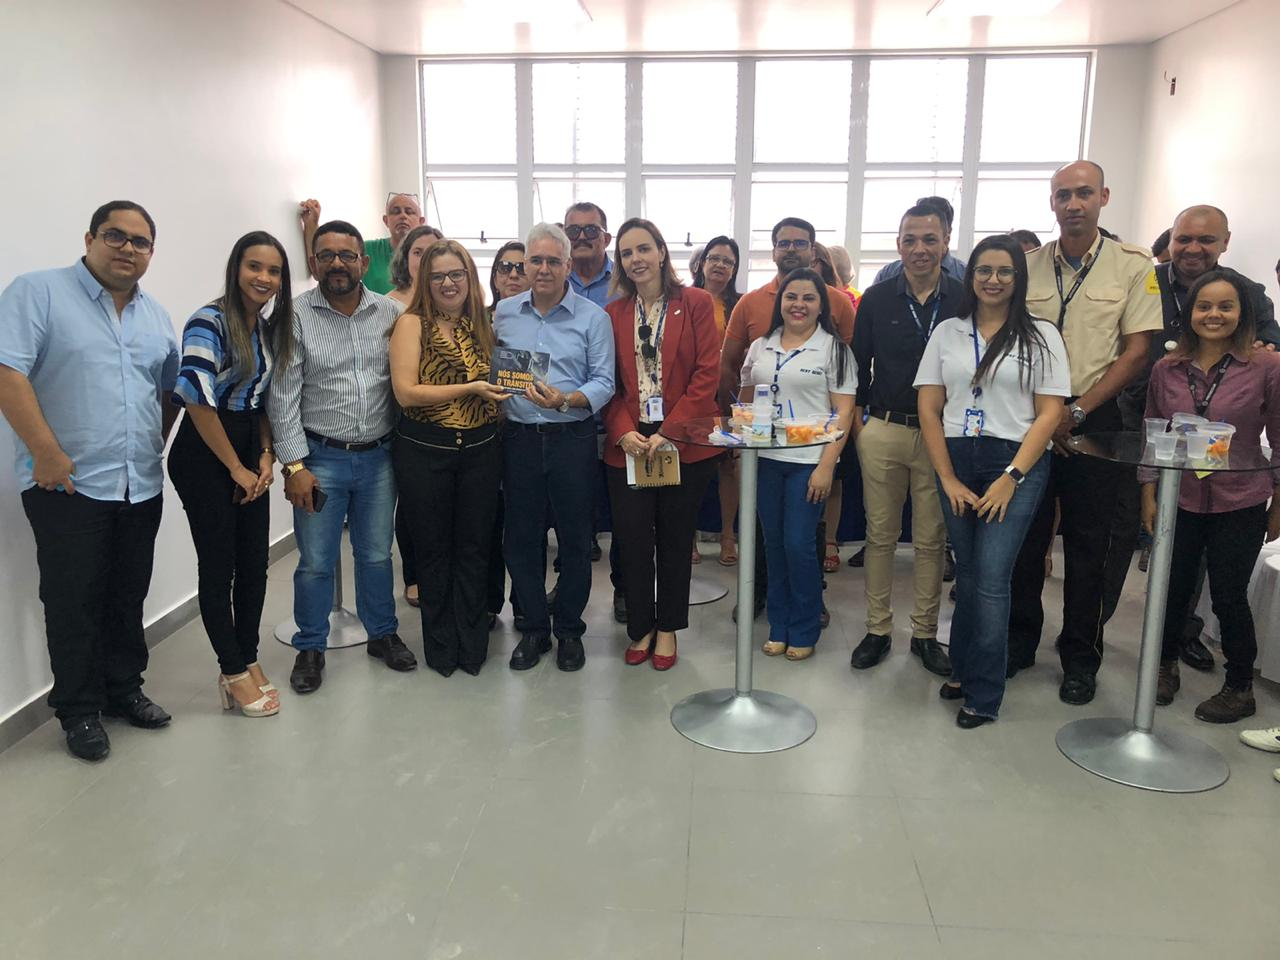 Presidente da Fetralse conhece as instalações do Sest Senat de Arapiraca